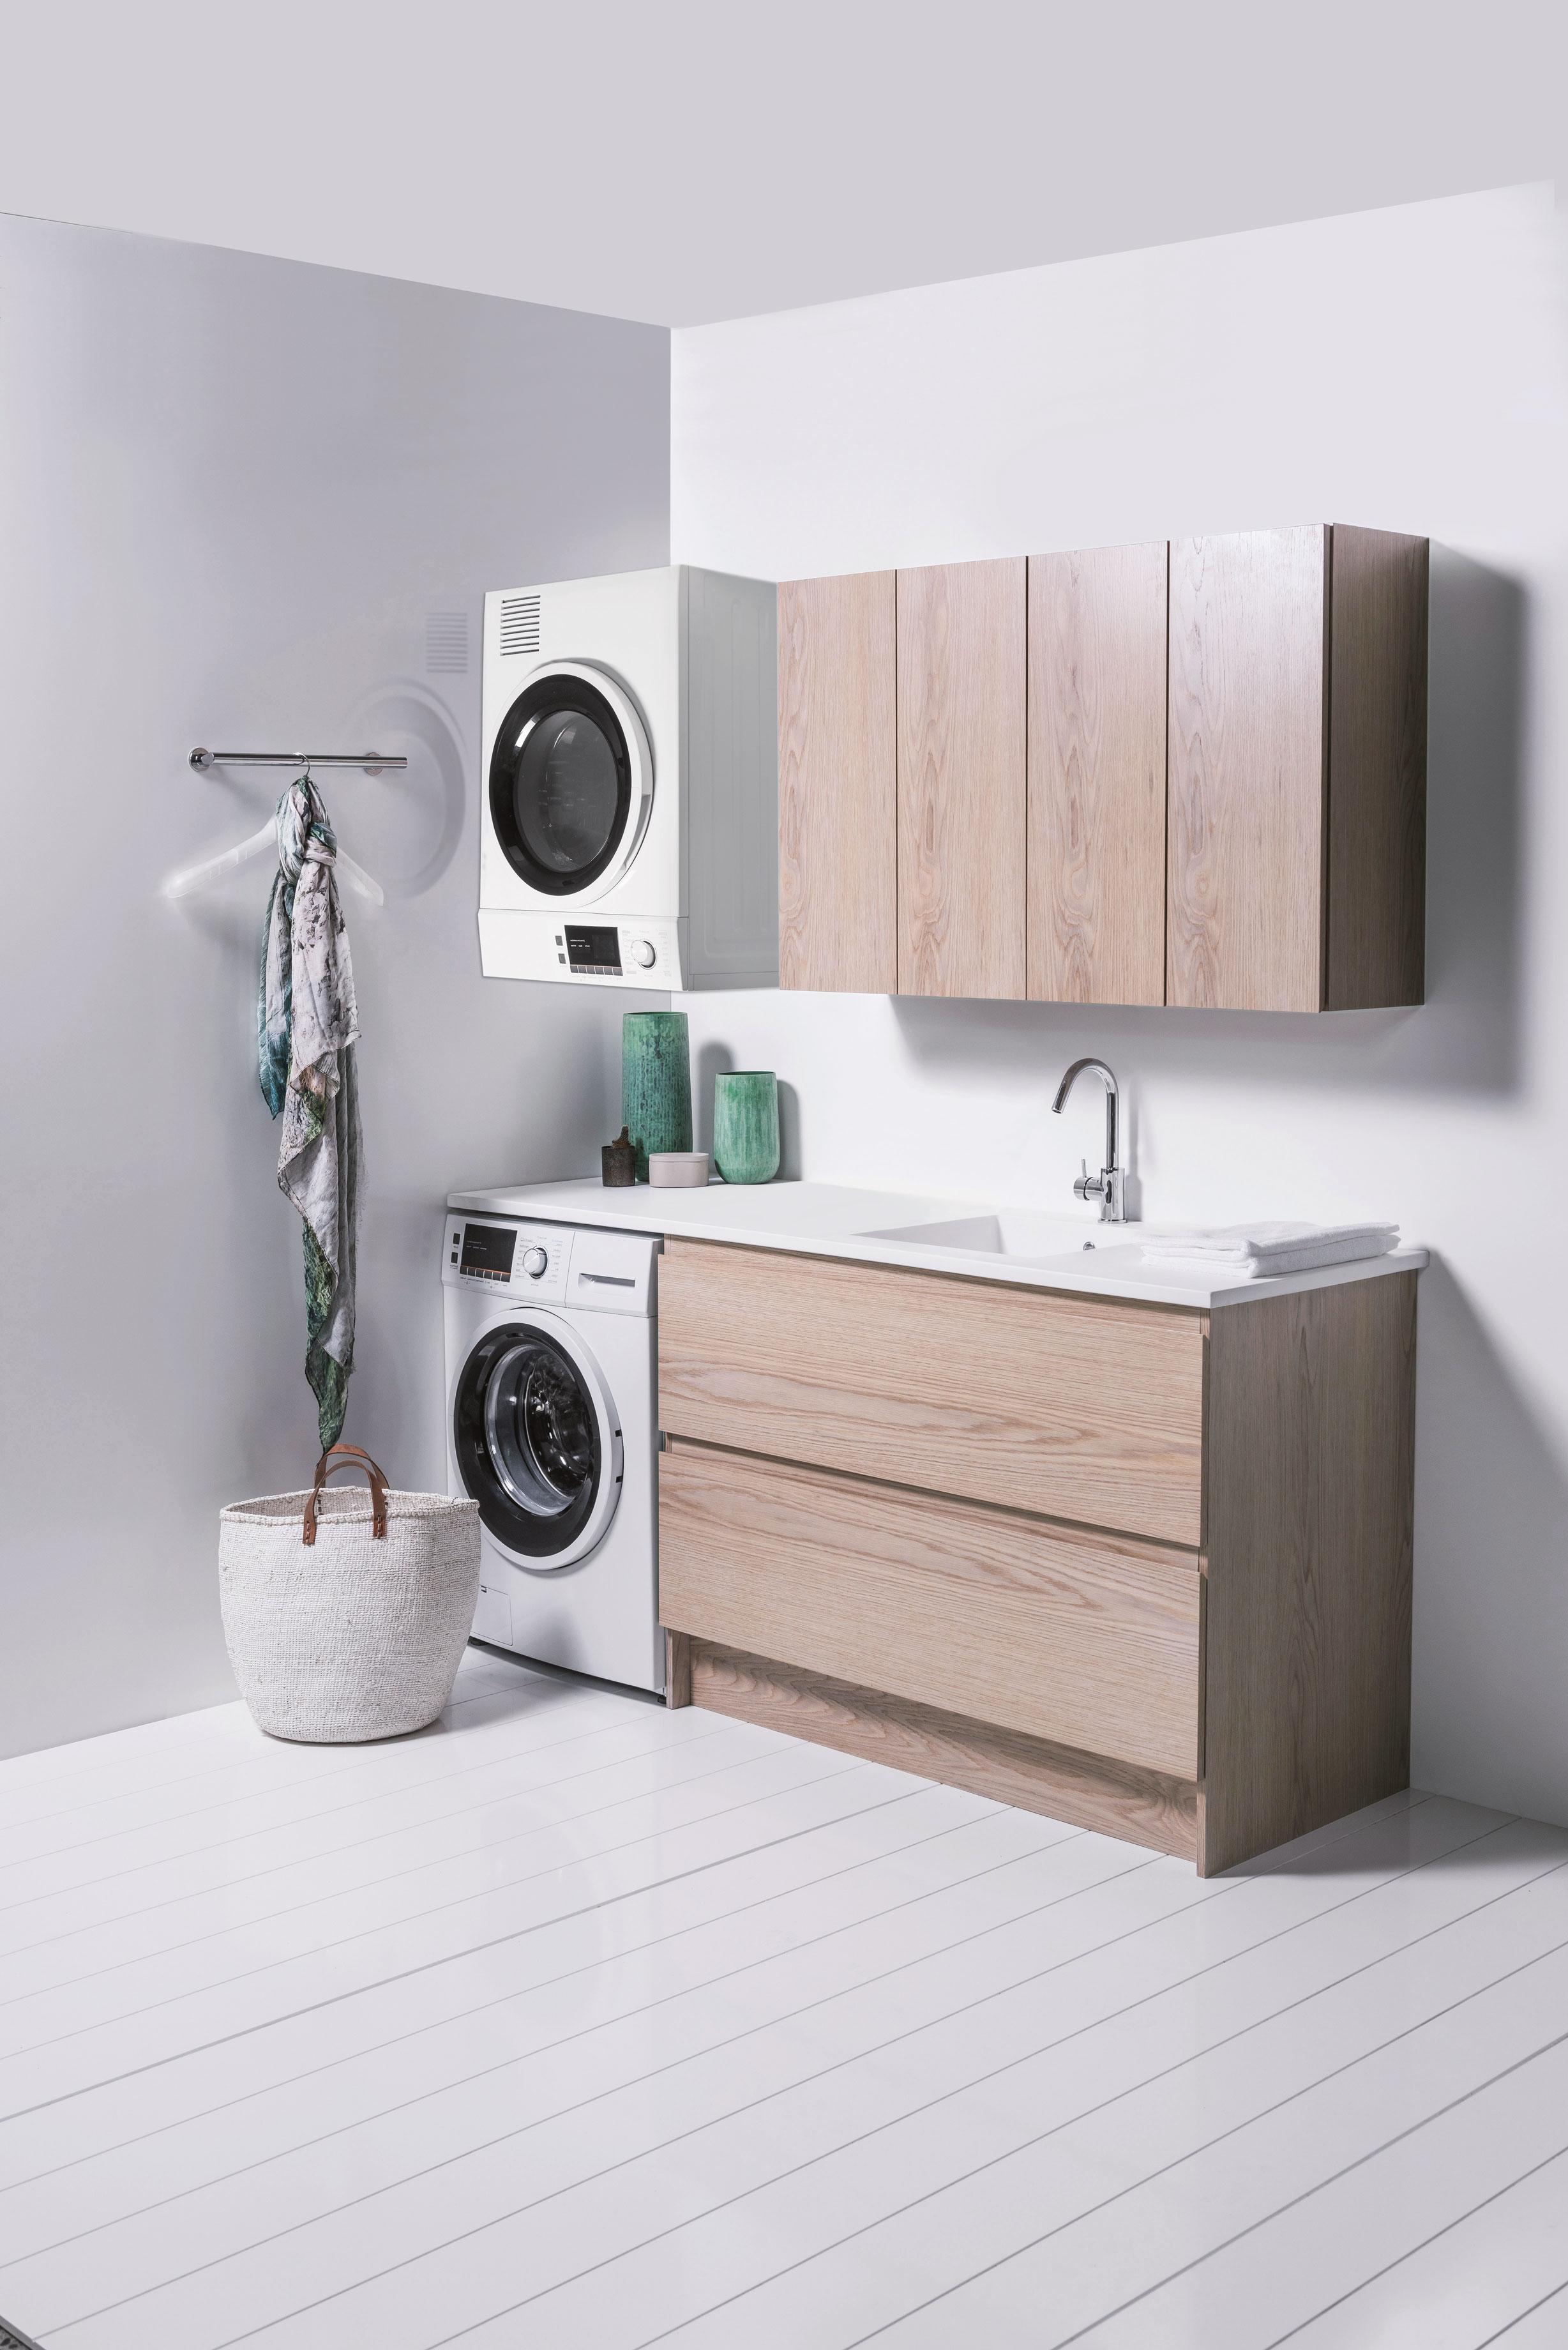 Bath Co Laundry range in Blonde Oak.